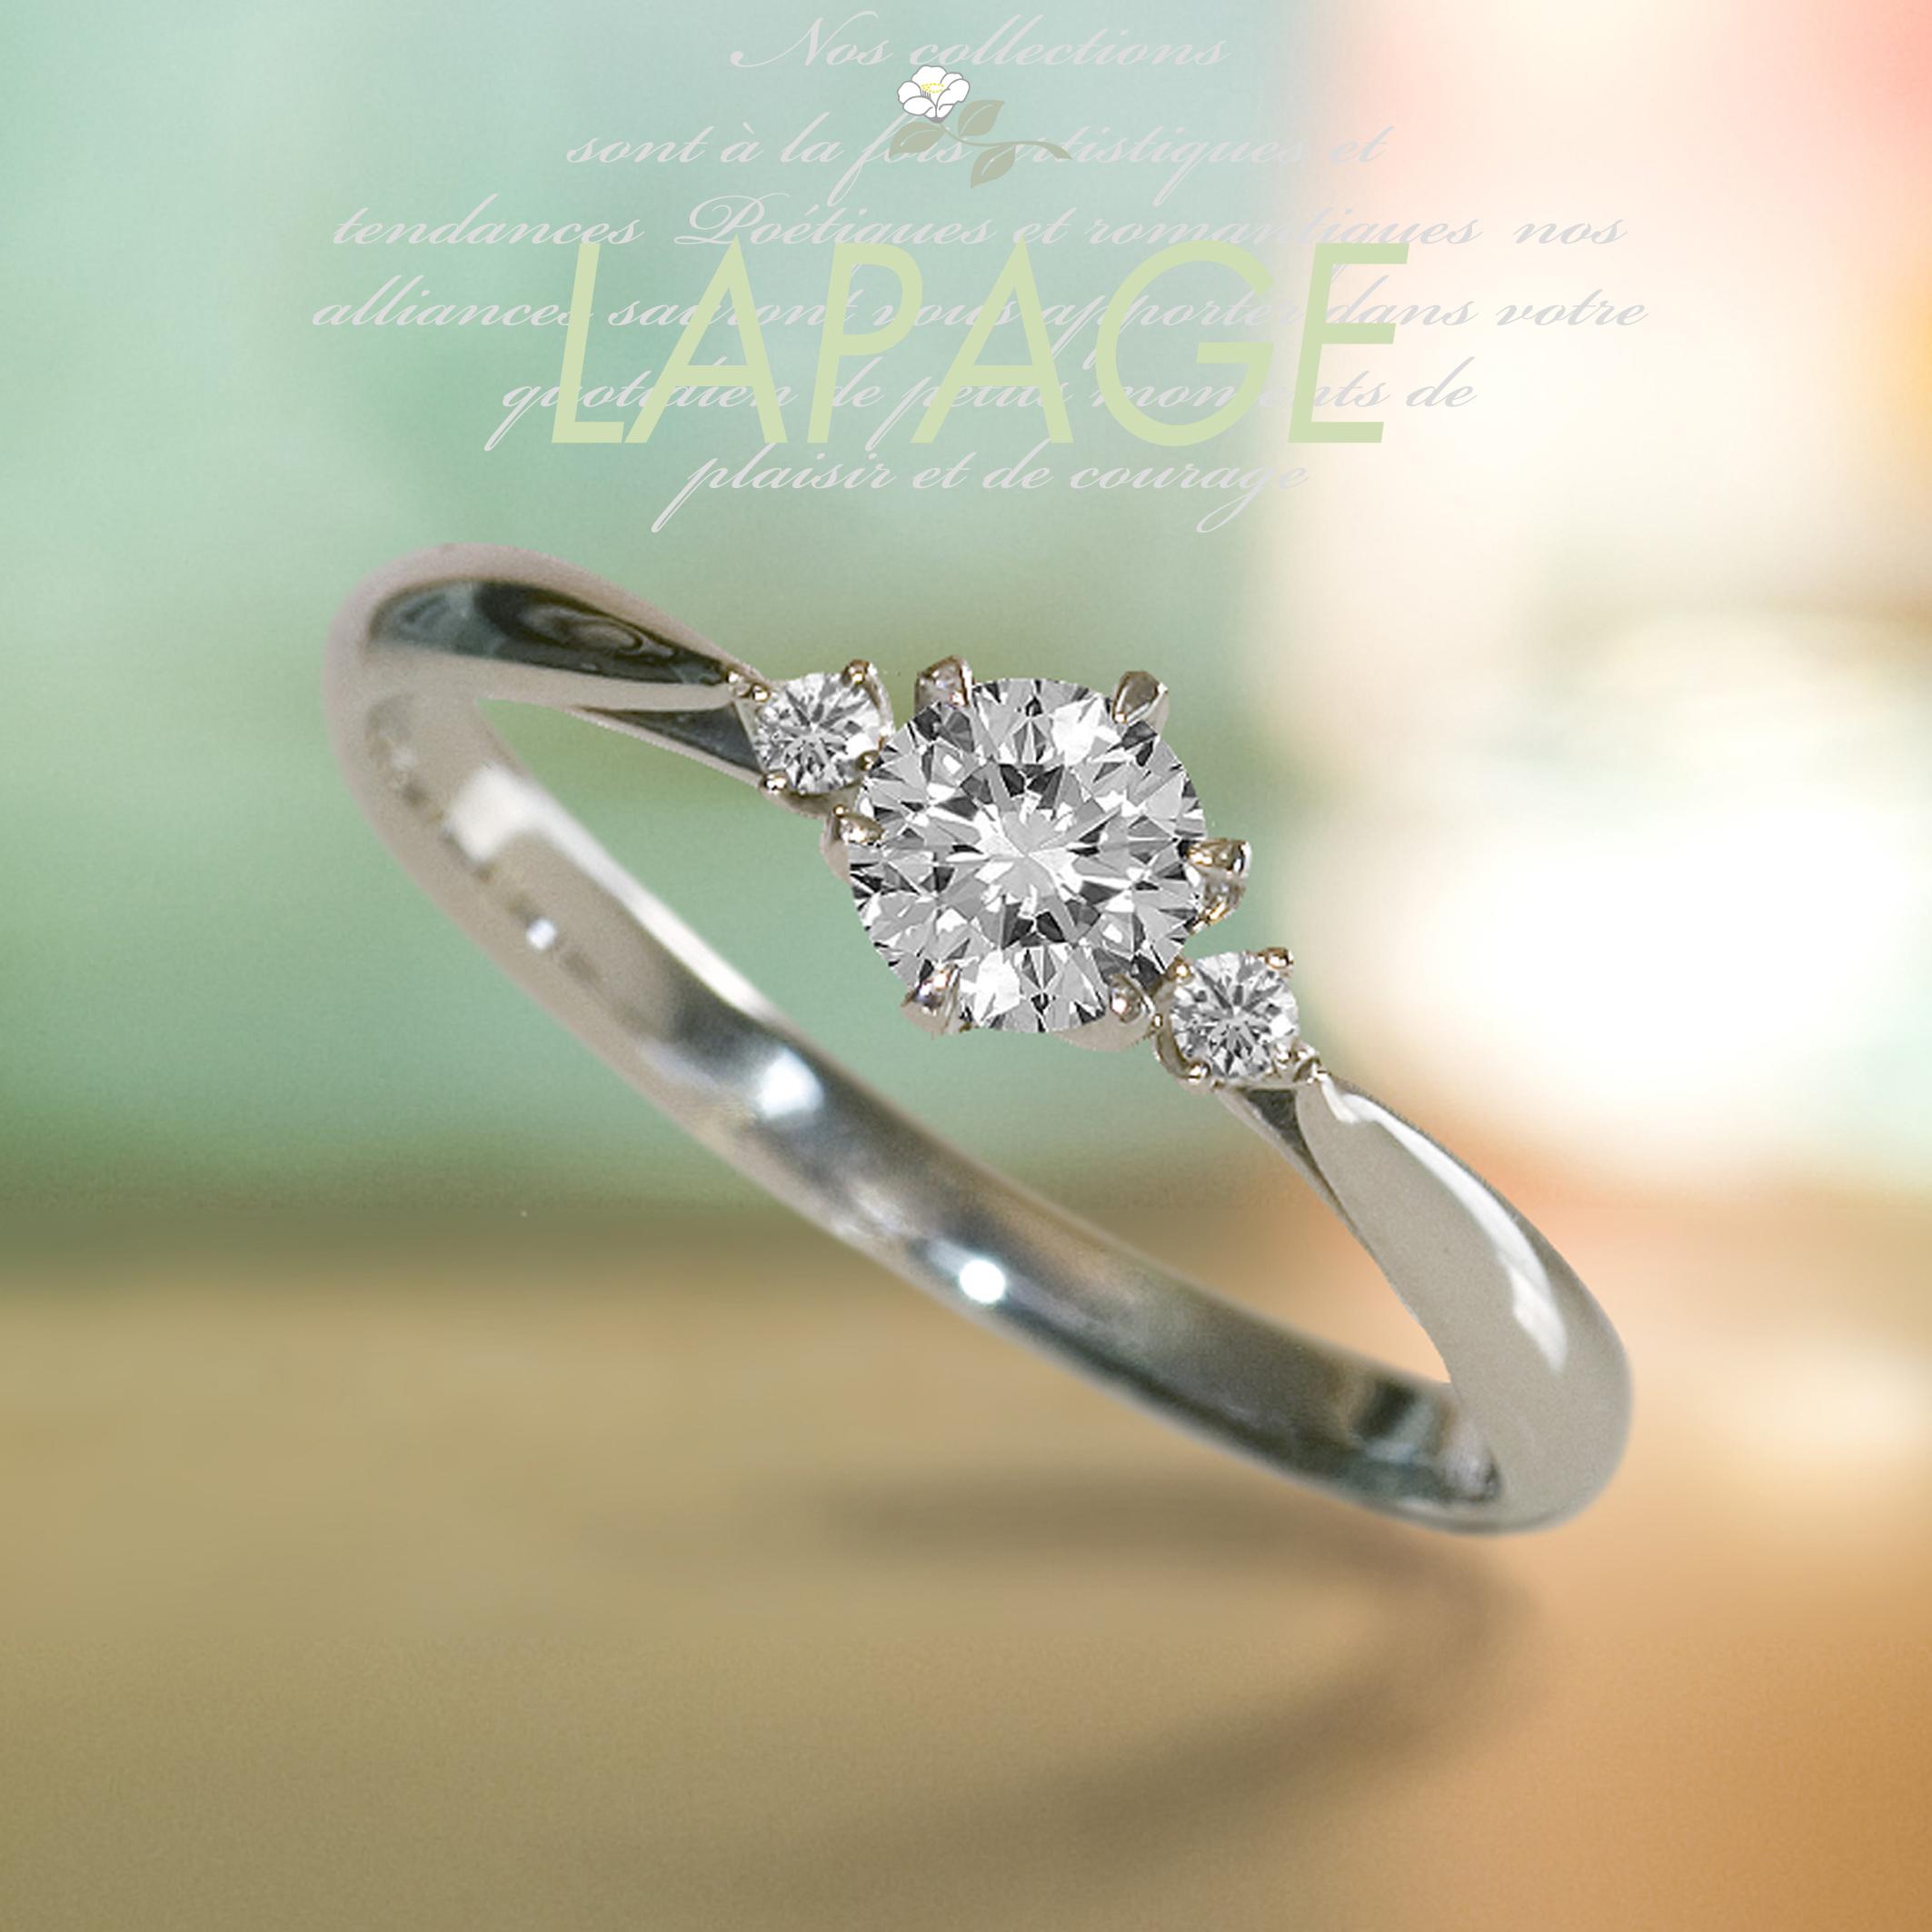 シンプル,フェミニン 婚約指輪のオリオン座